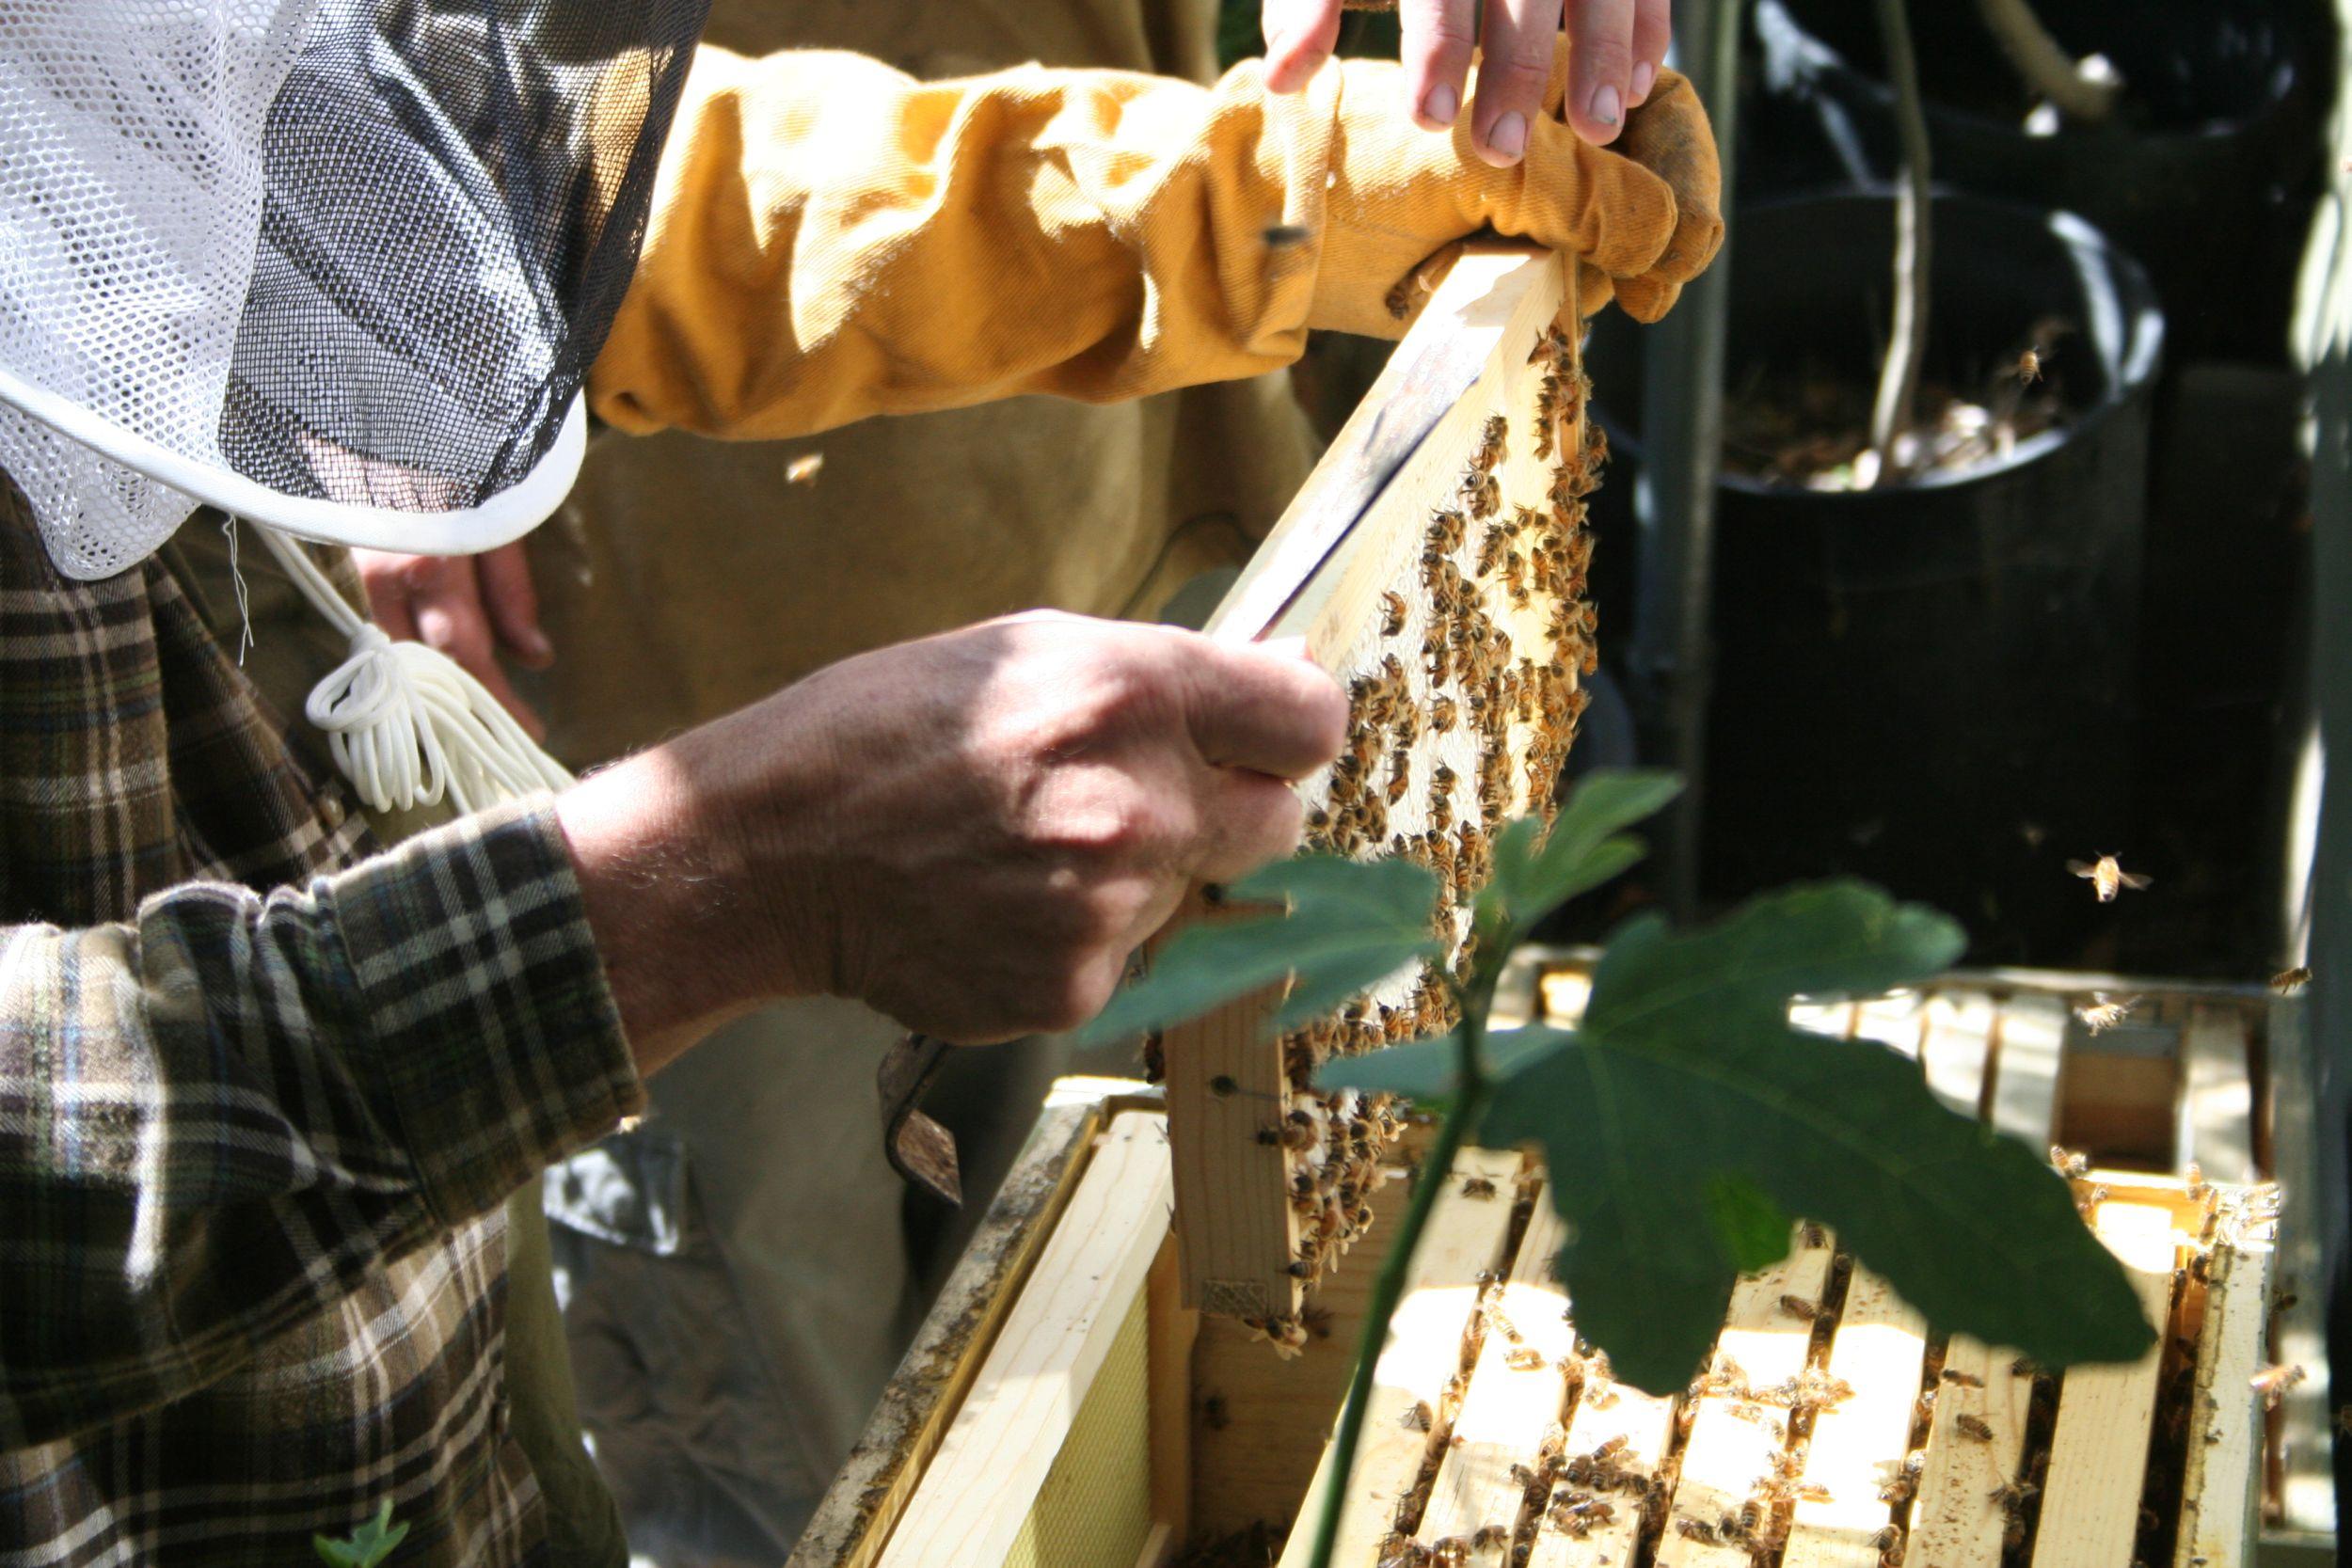 Além dos vegetais e frutas, há produção de mel.  Foto: The Urban Homesteaders / Divulgação